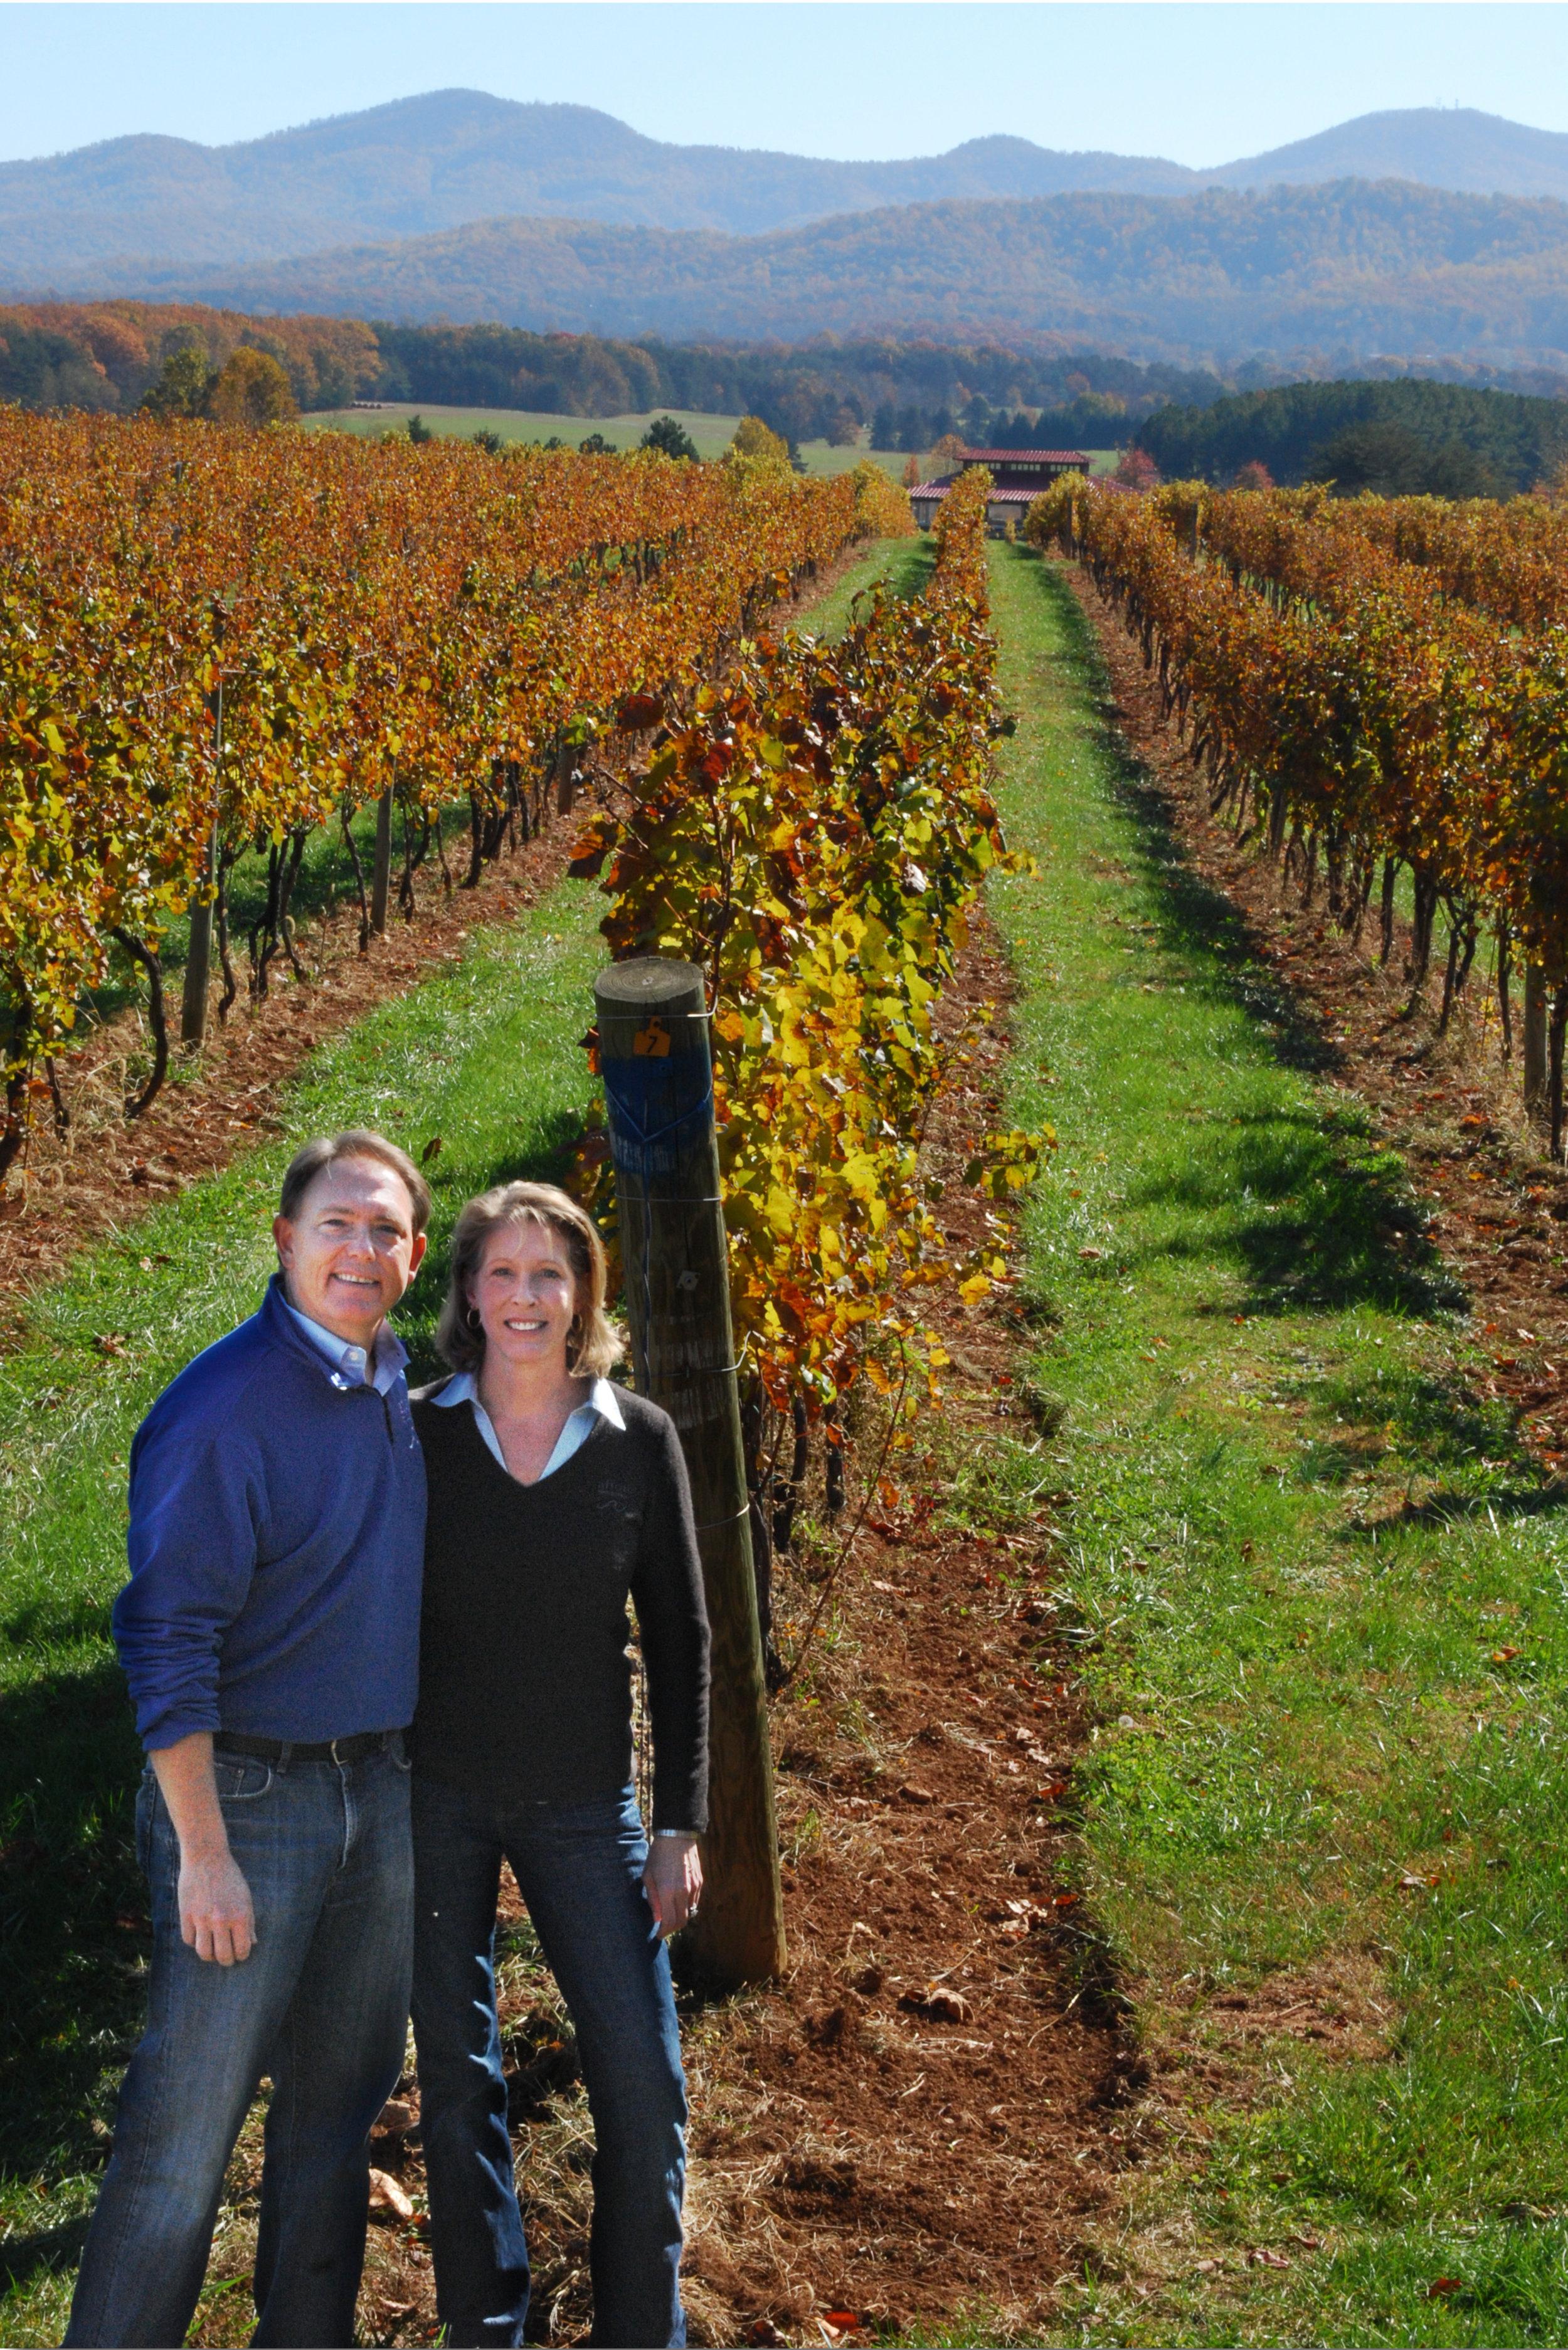 Charlottesville Wine Tour, Blue Ridge Tours, Afton Mountain Vineyards, Elizabeth Smith and Tony Smith.jpg